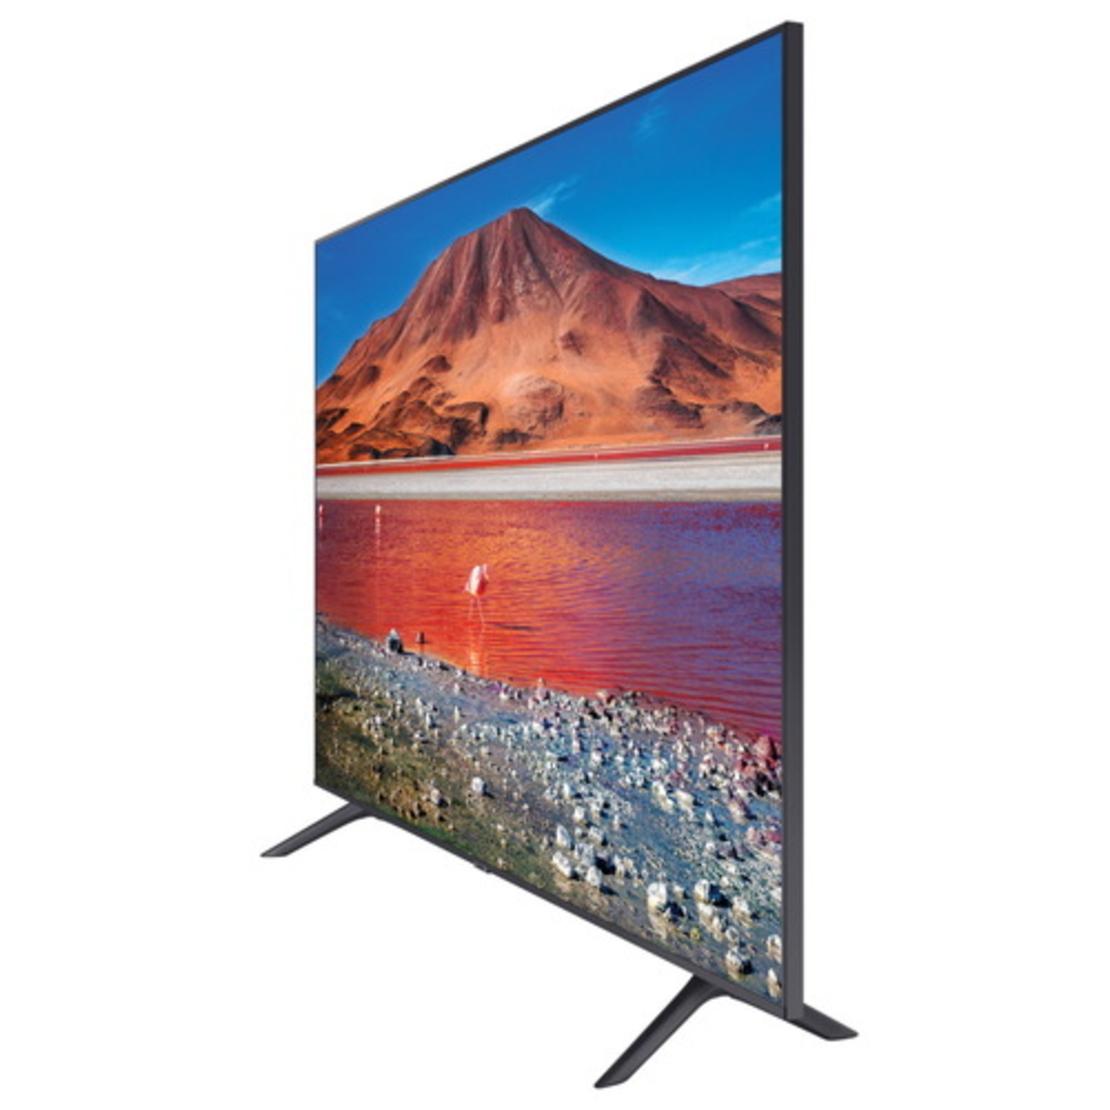 טלוויזיה סמסונג Samsung UE43TU7100 4K 43 אינטש